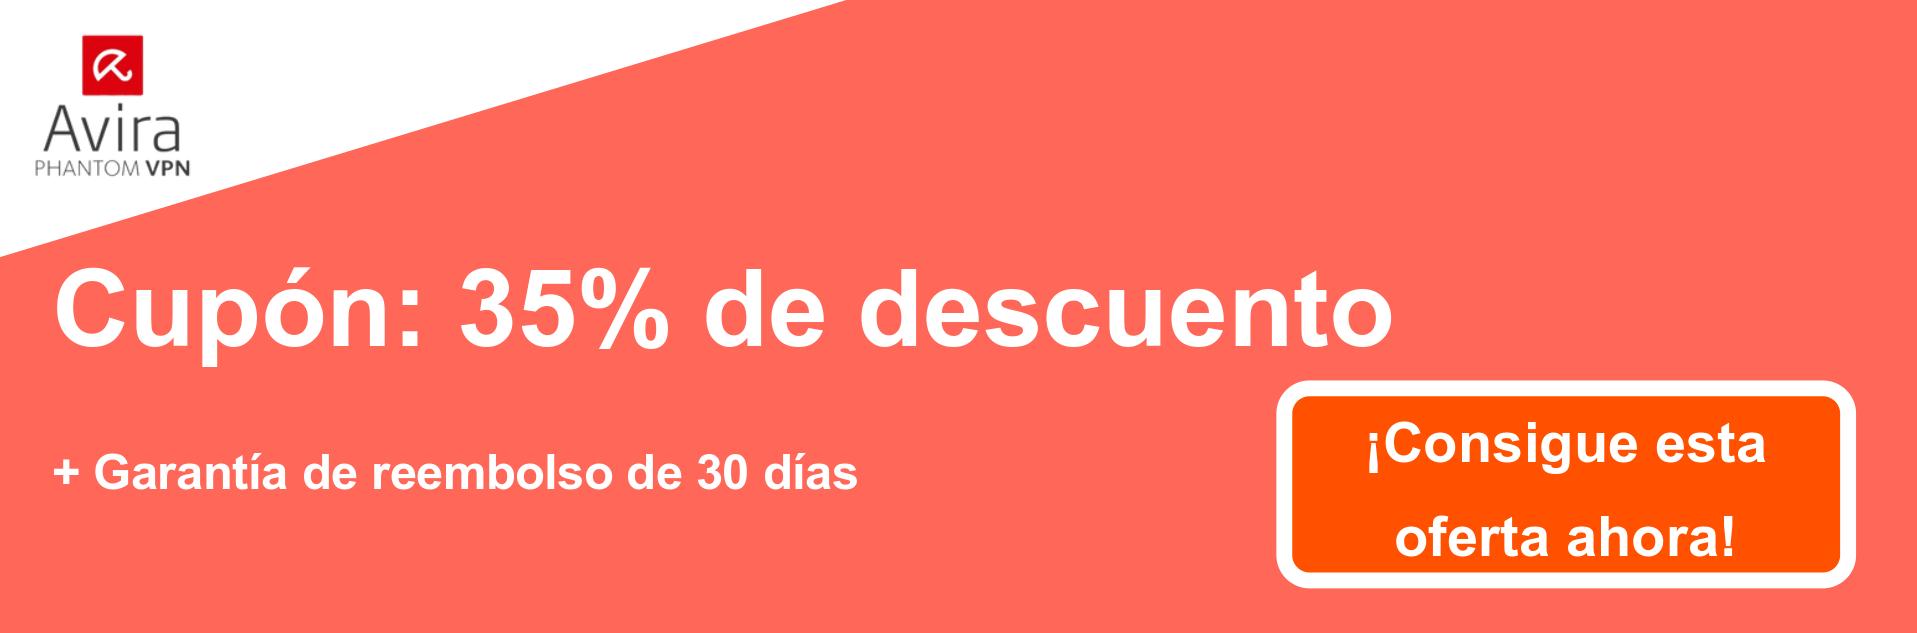 Banner de cupón AviraVPN: 35% de descuento